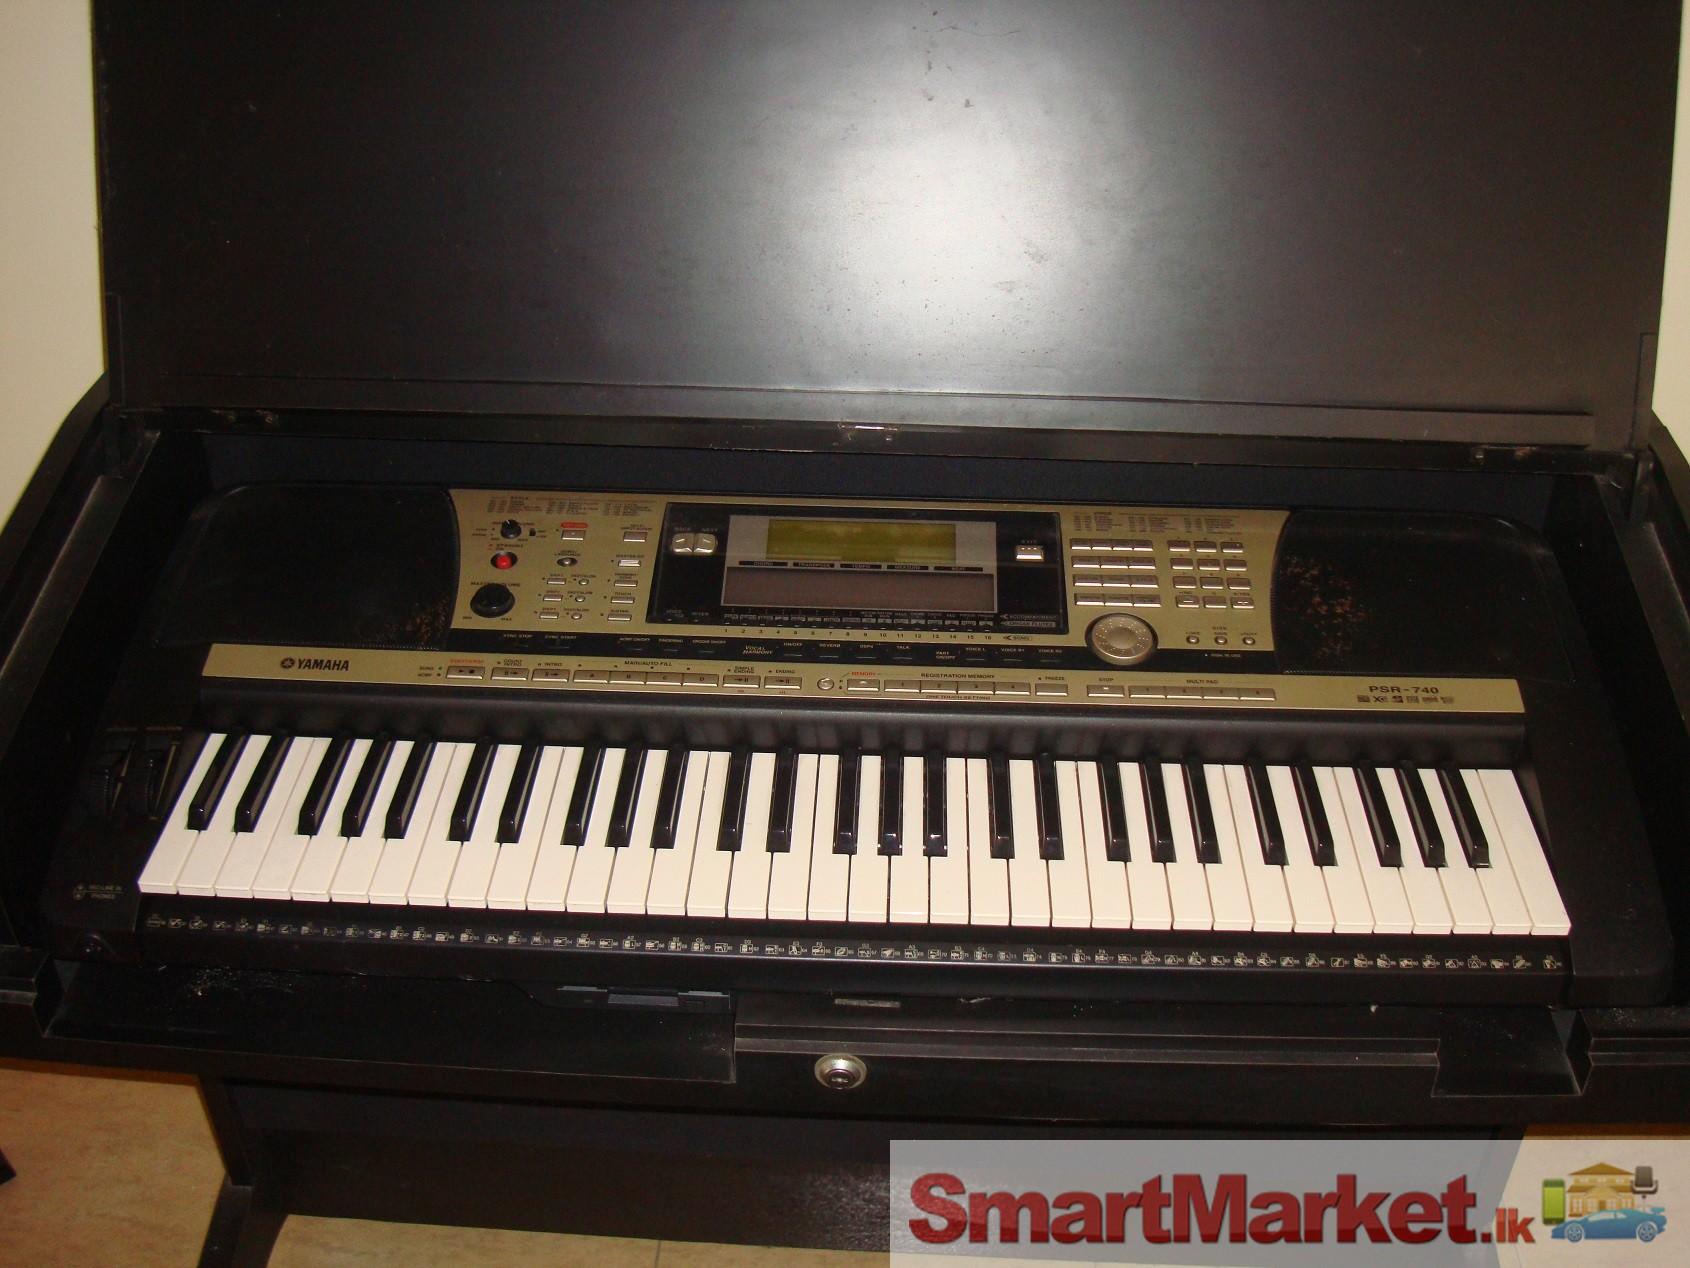 yamaha psr 740 keyboard. Black Bedroom Furniture Sets. Home Design Ideas